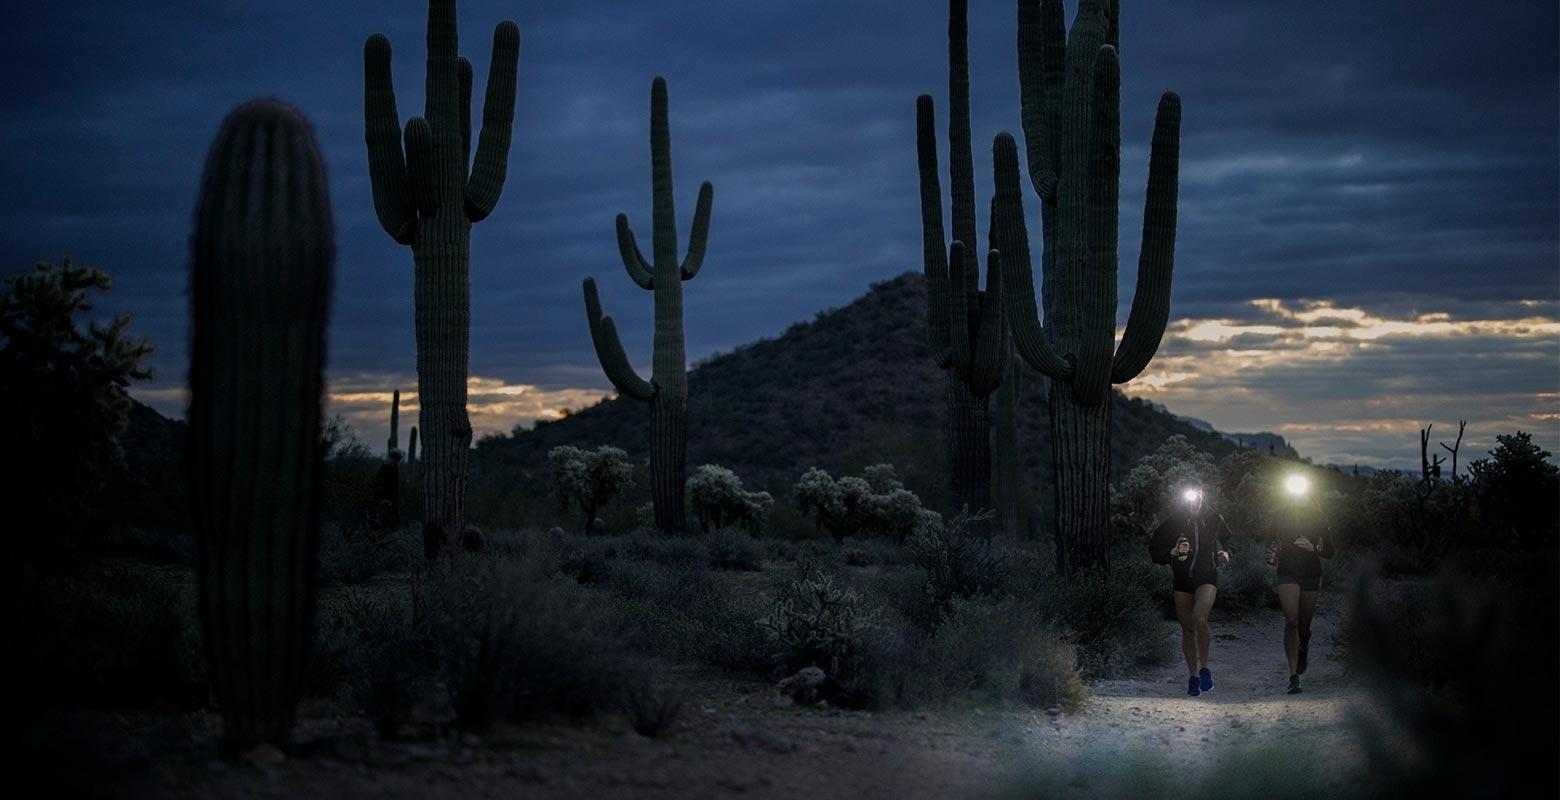 Morning runs through the cactus